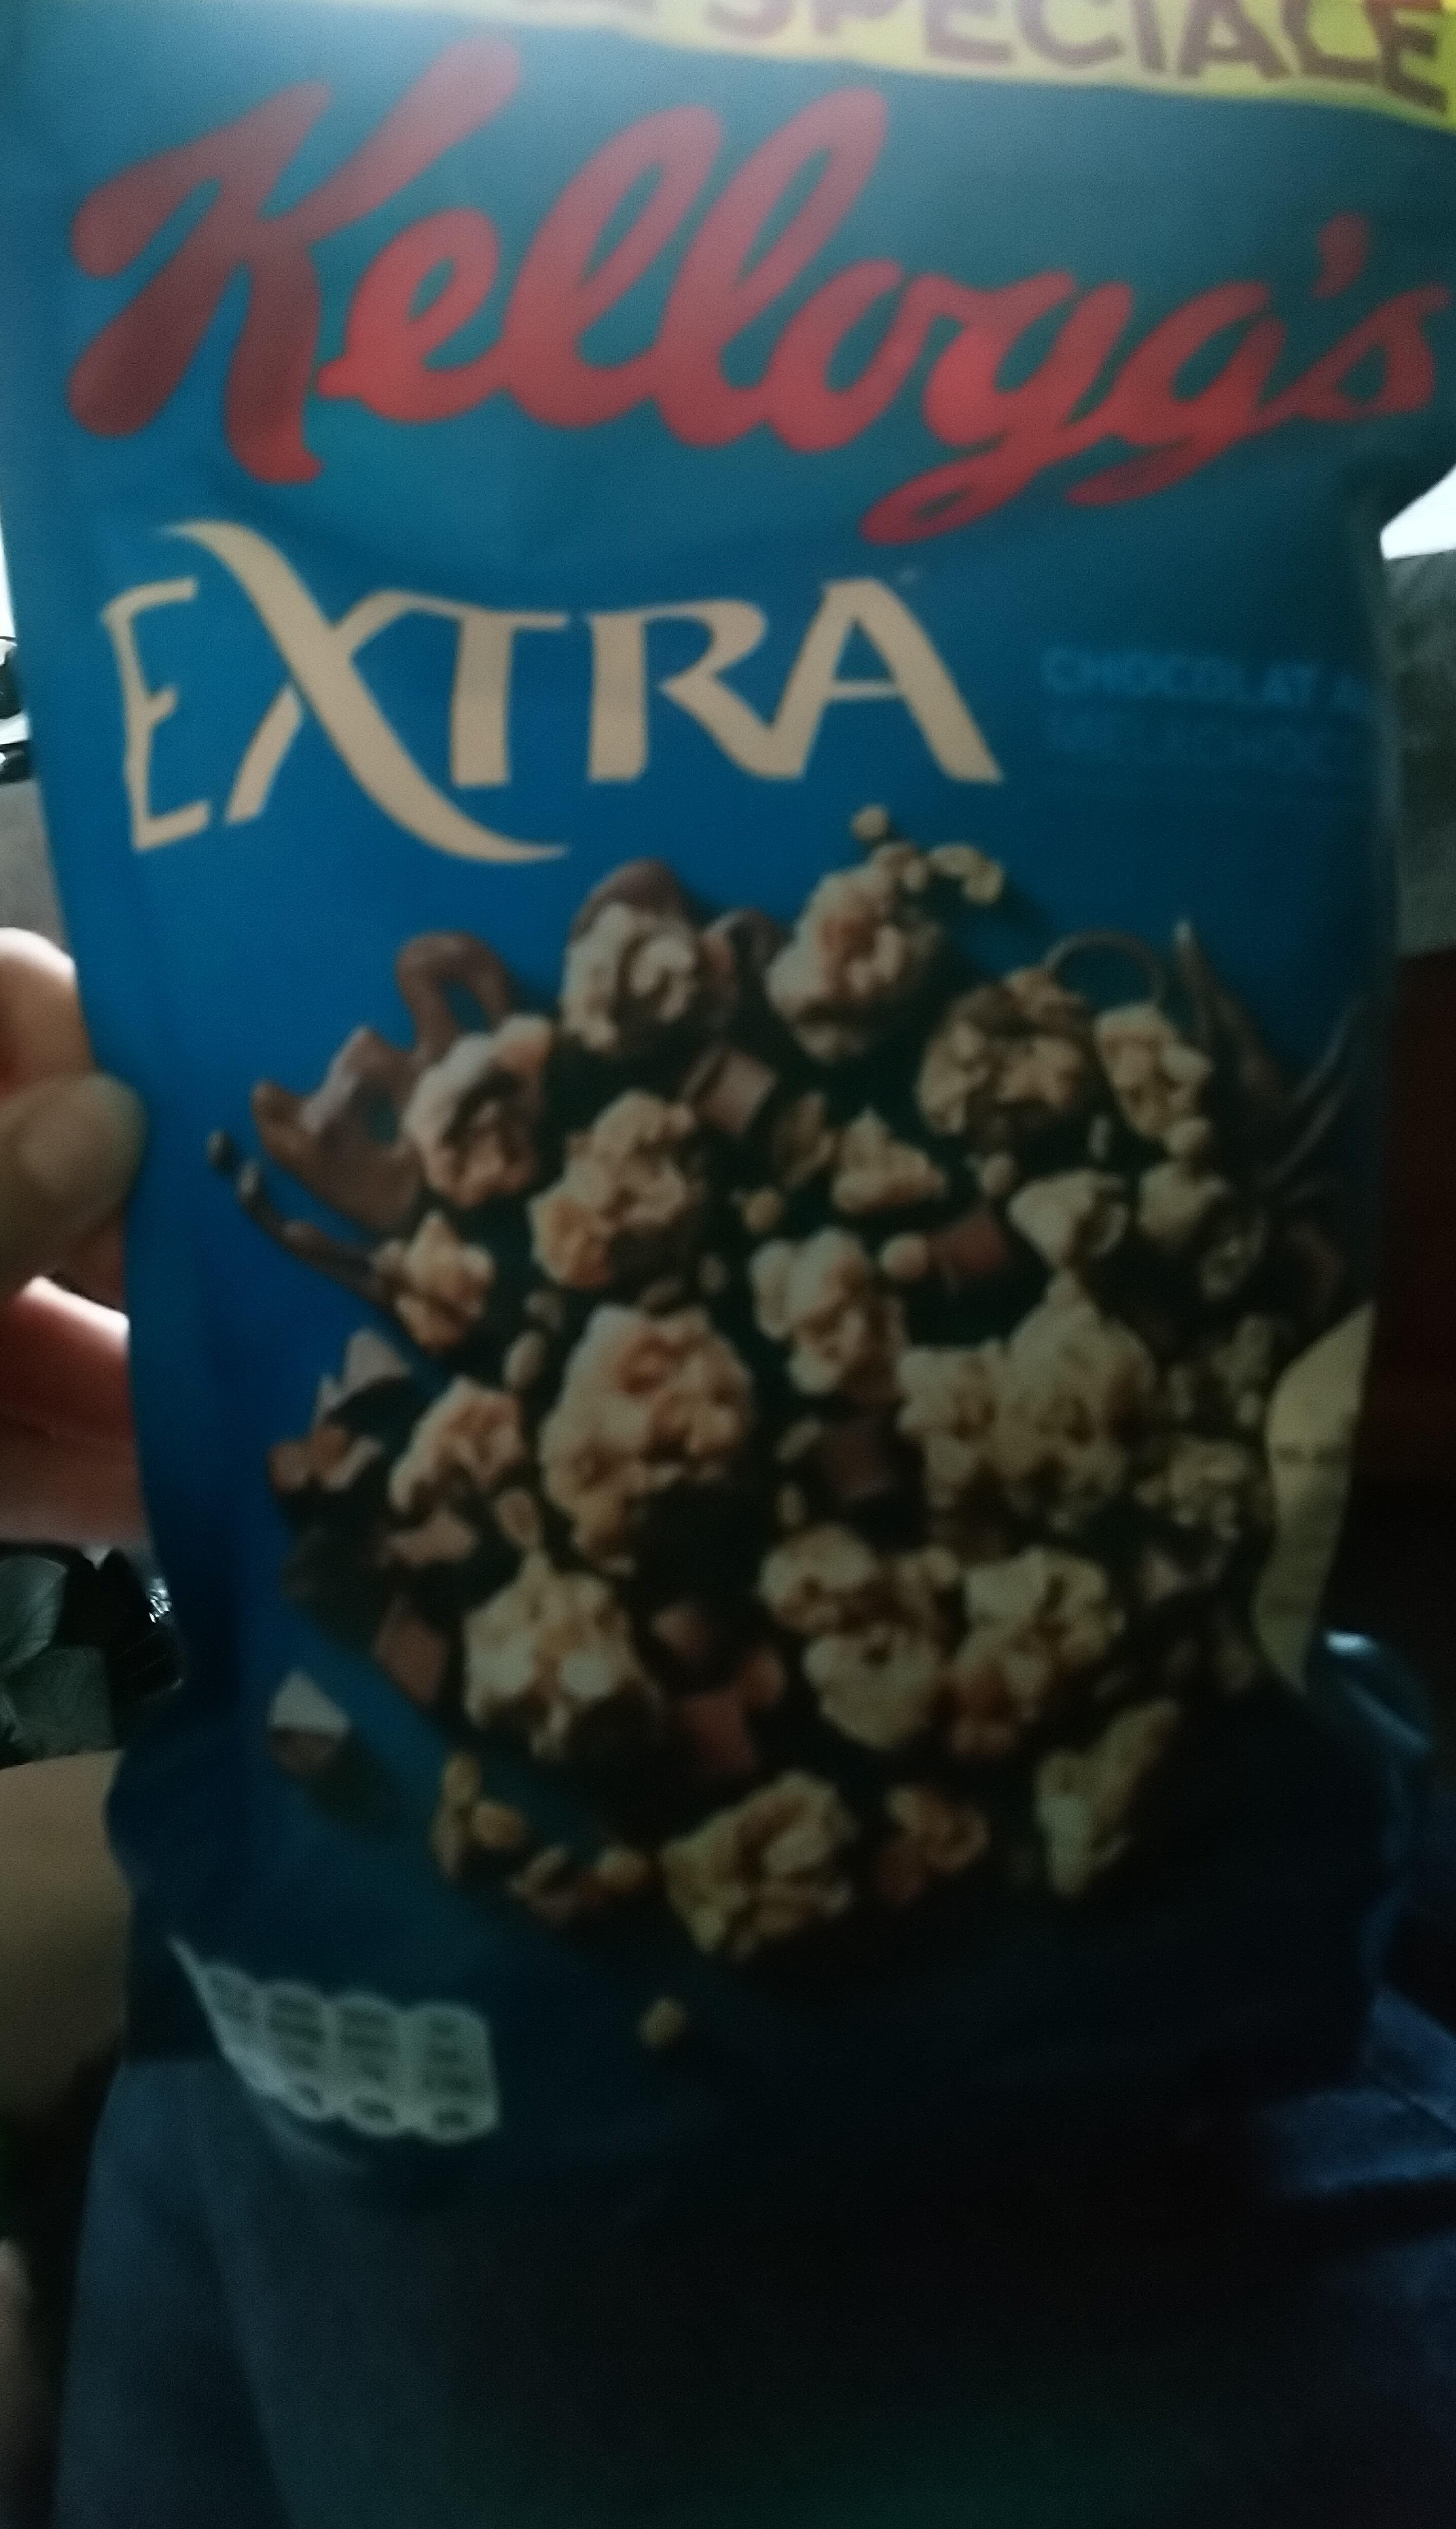 Kellogs Extra chocolat au lait - Product - fr